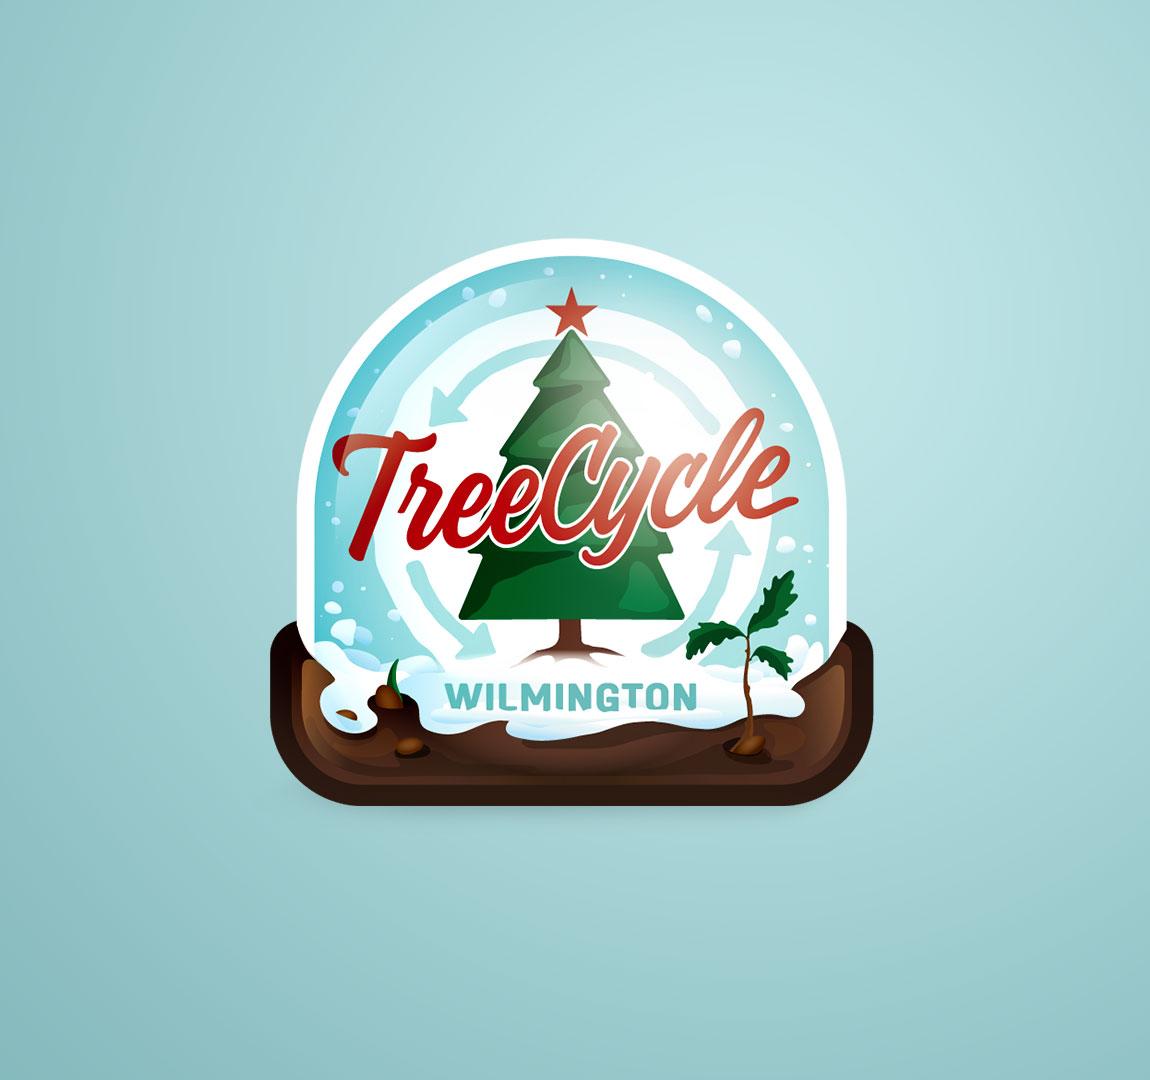 TreeCycle Wilmington